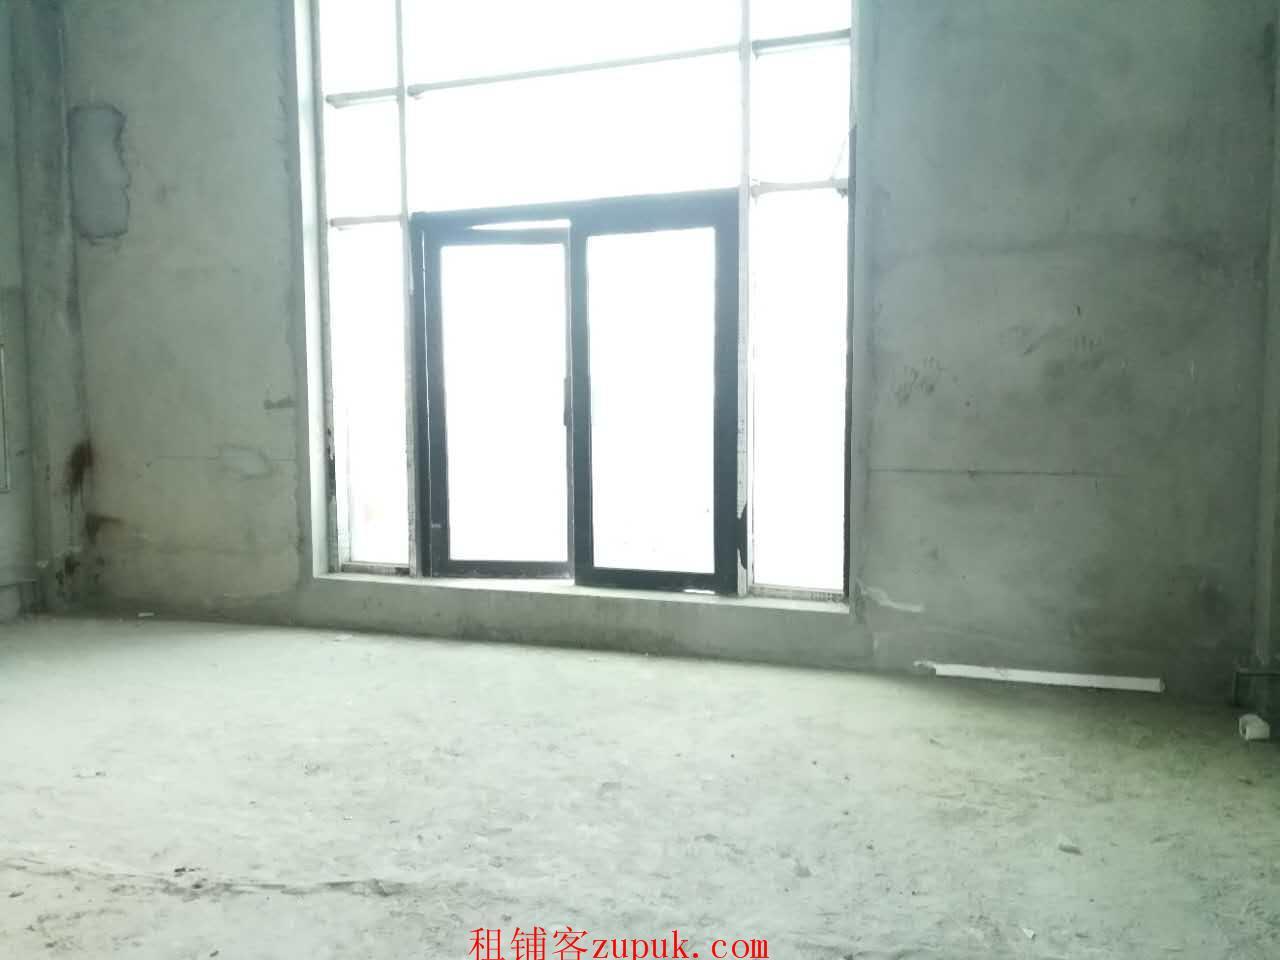 群力丽江路沿线汇锦庄园300平米商铺出租